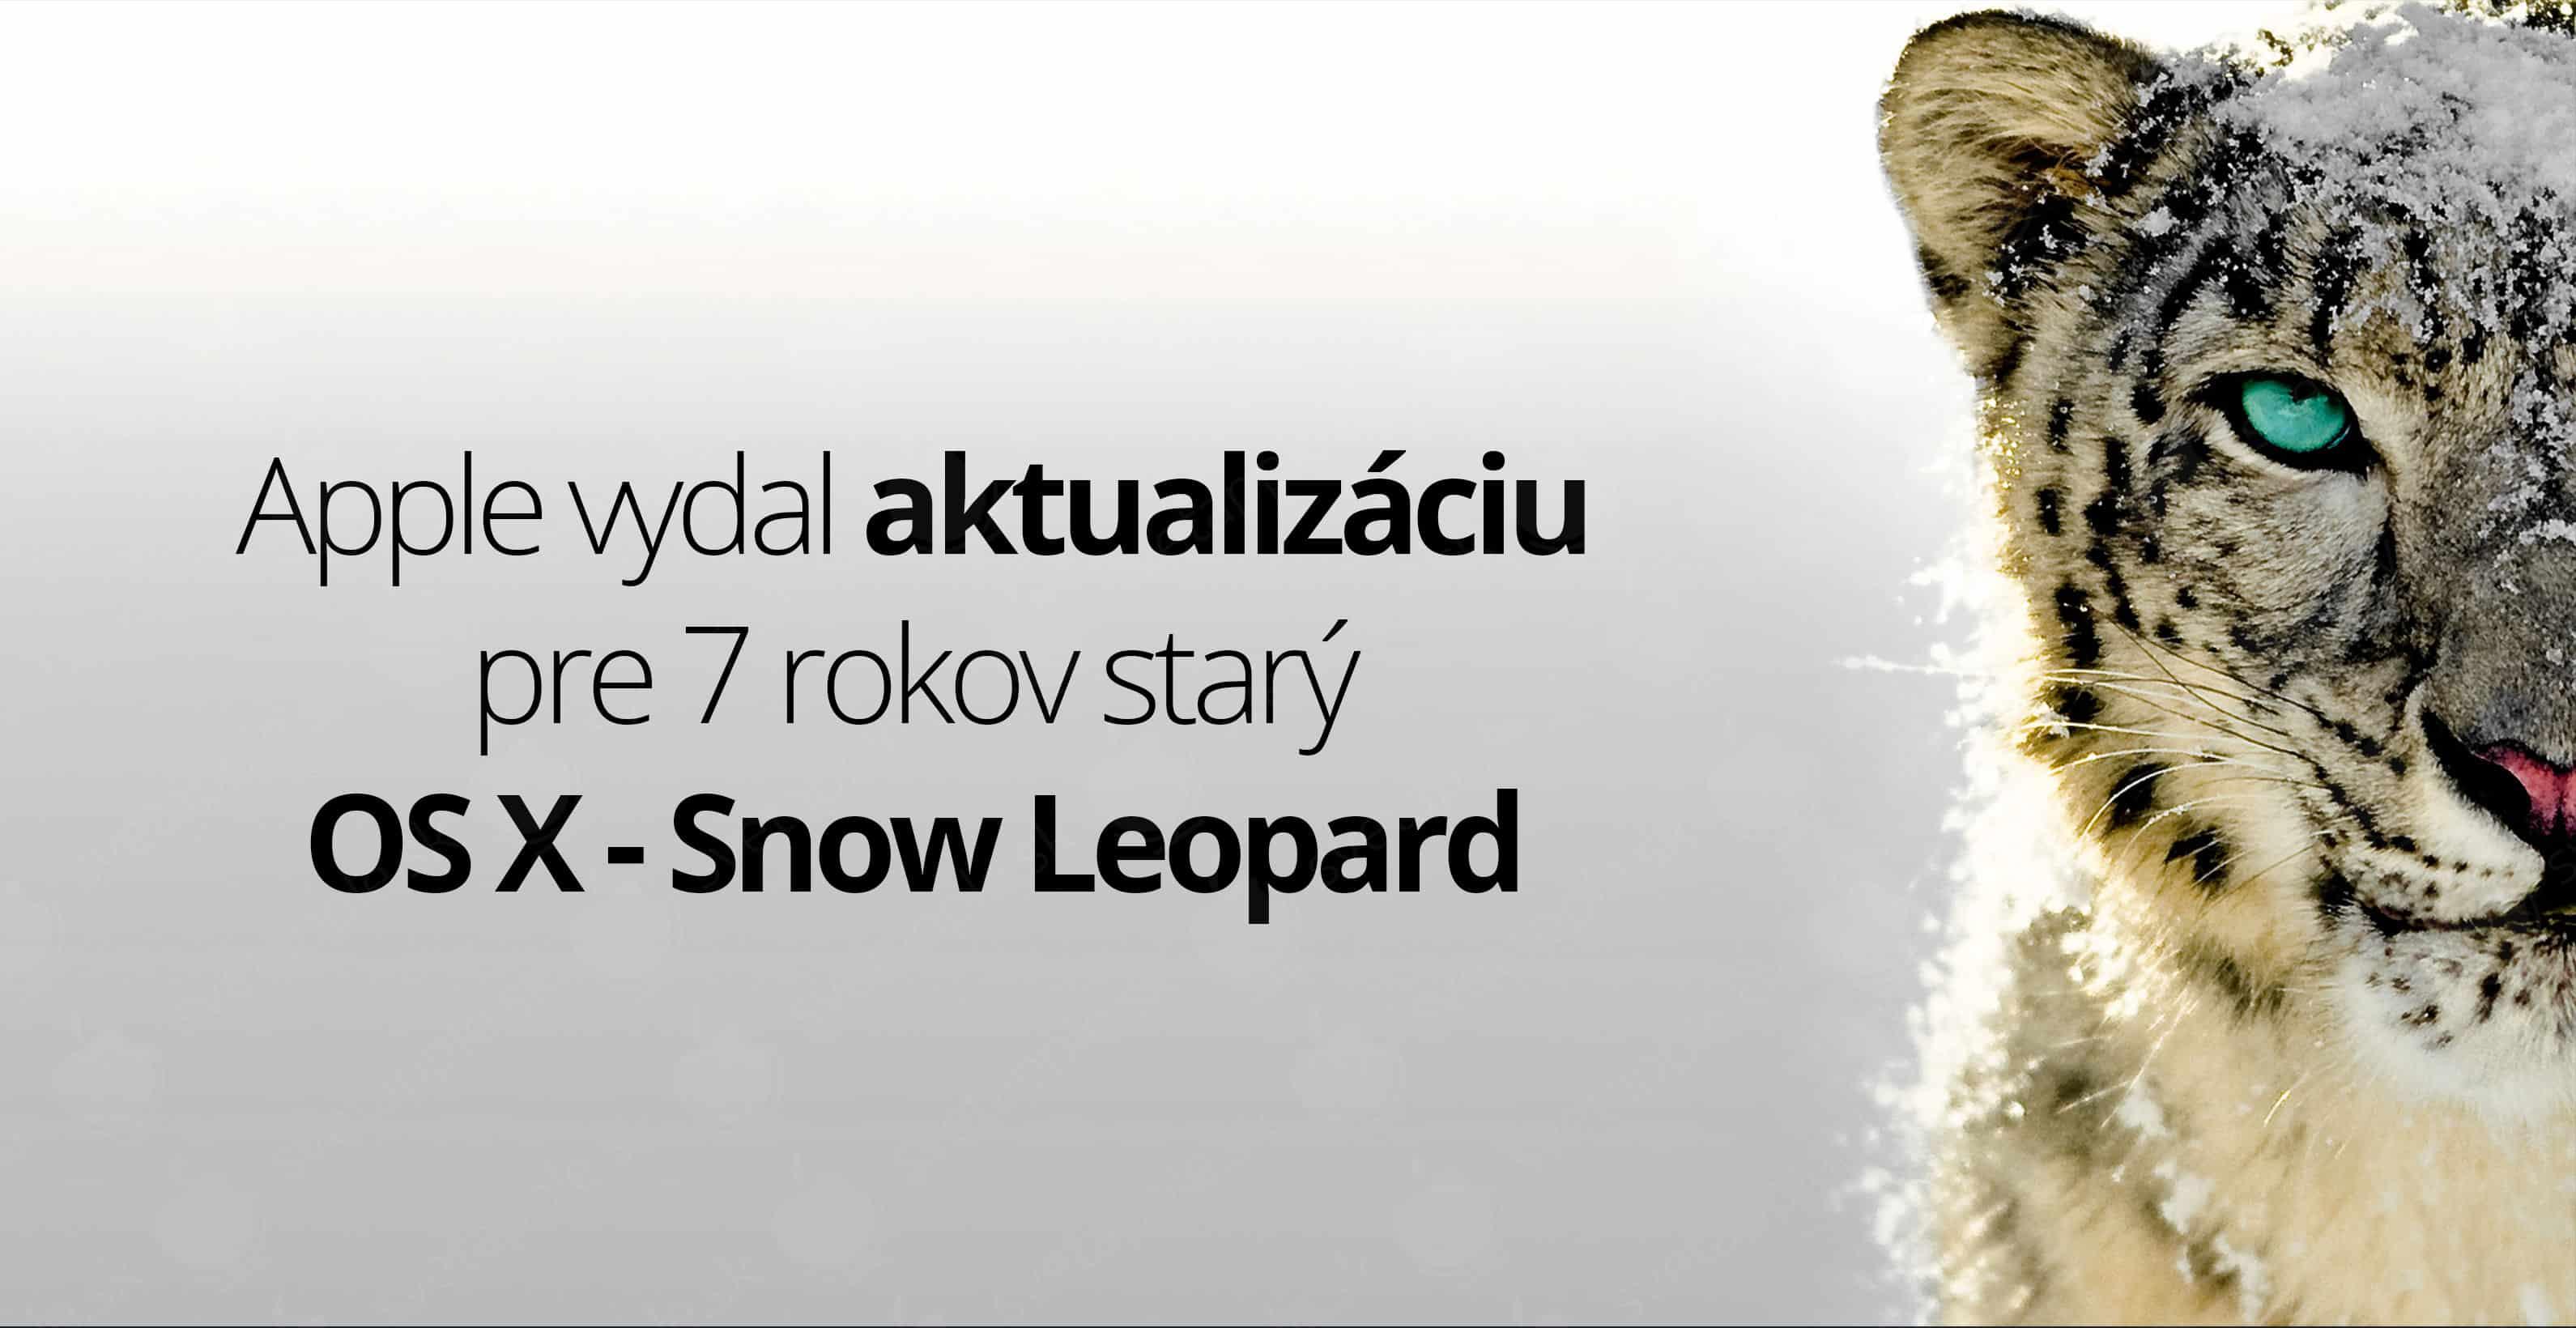 OS-X-Snow-Leopard-aktualizácia---titulná-fotografia---SvetApple